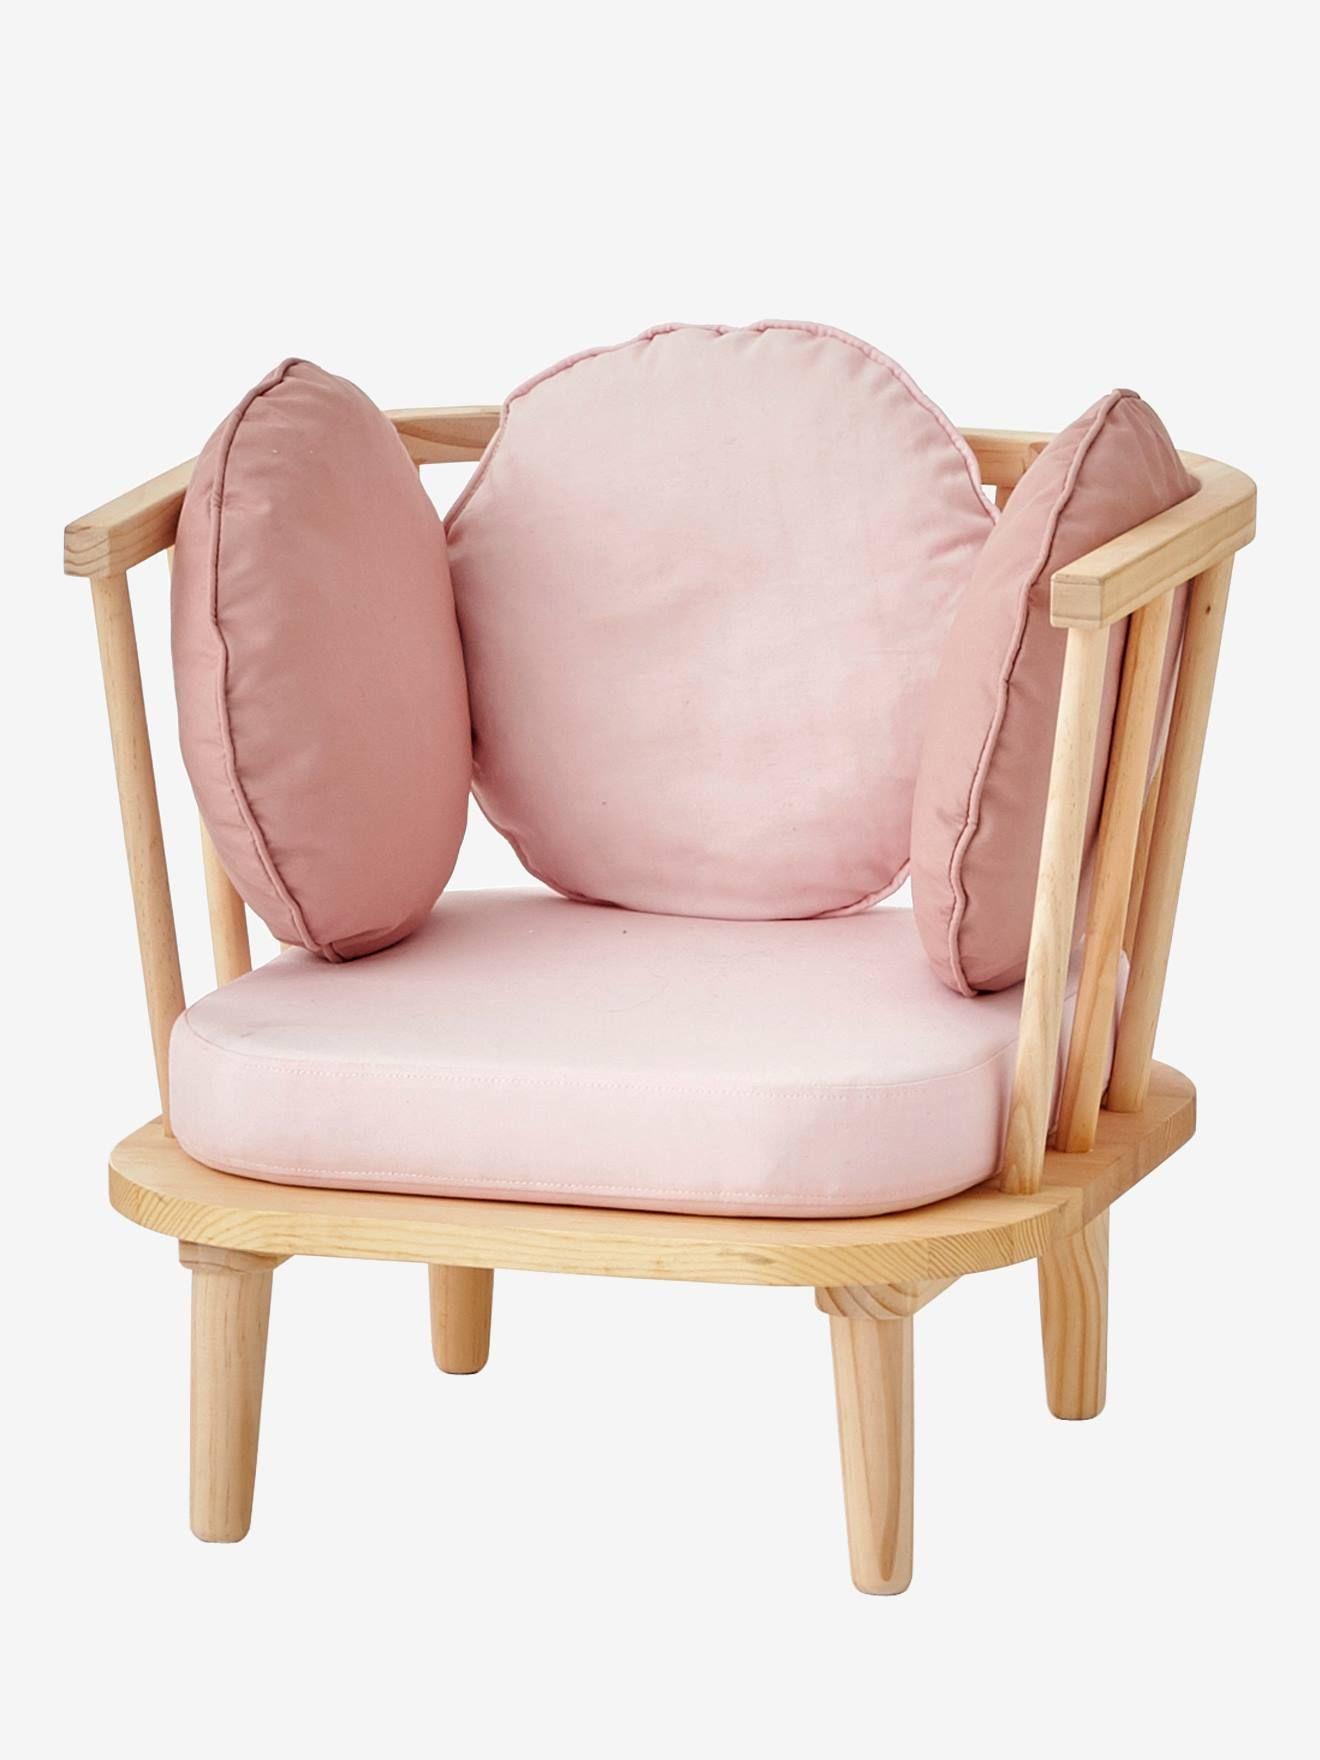 Retro Sessel Fur Kinderzimmer Von Vertbaudet In Rosa Natur Nur 2 95 Versand Kinderzimmer Jetzt Bei Vertbaudet Bestellen Armlehnen Sessel Mobelideen